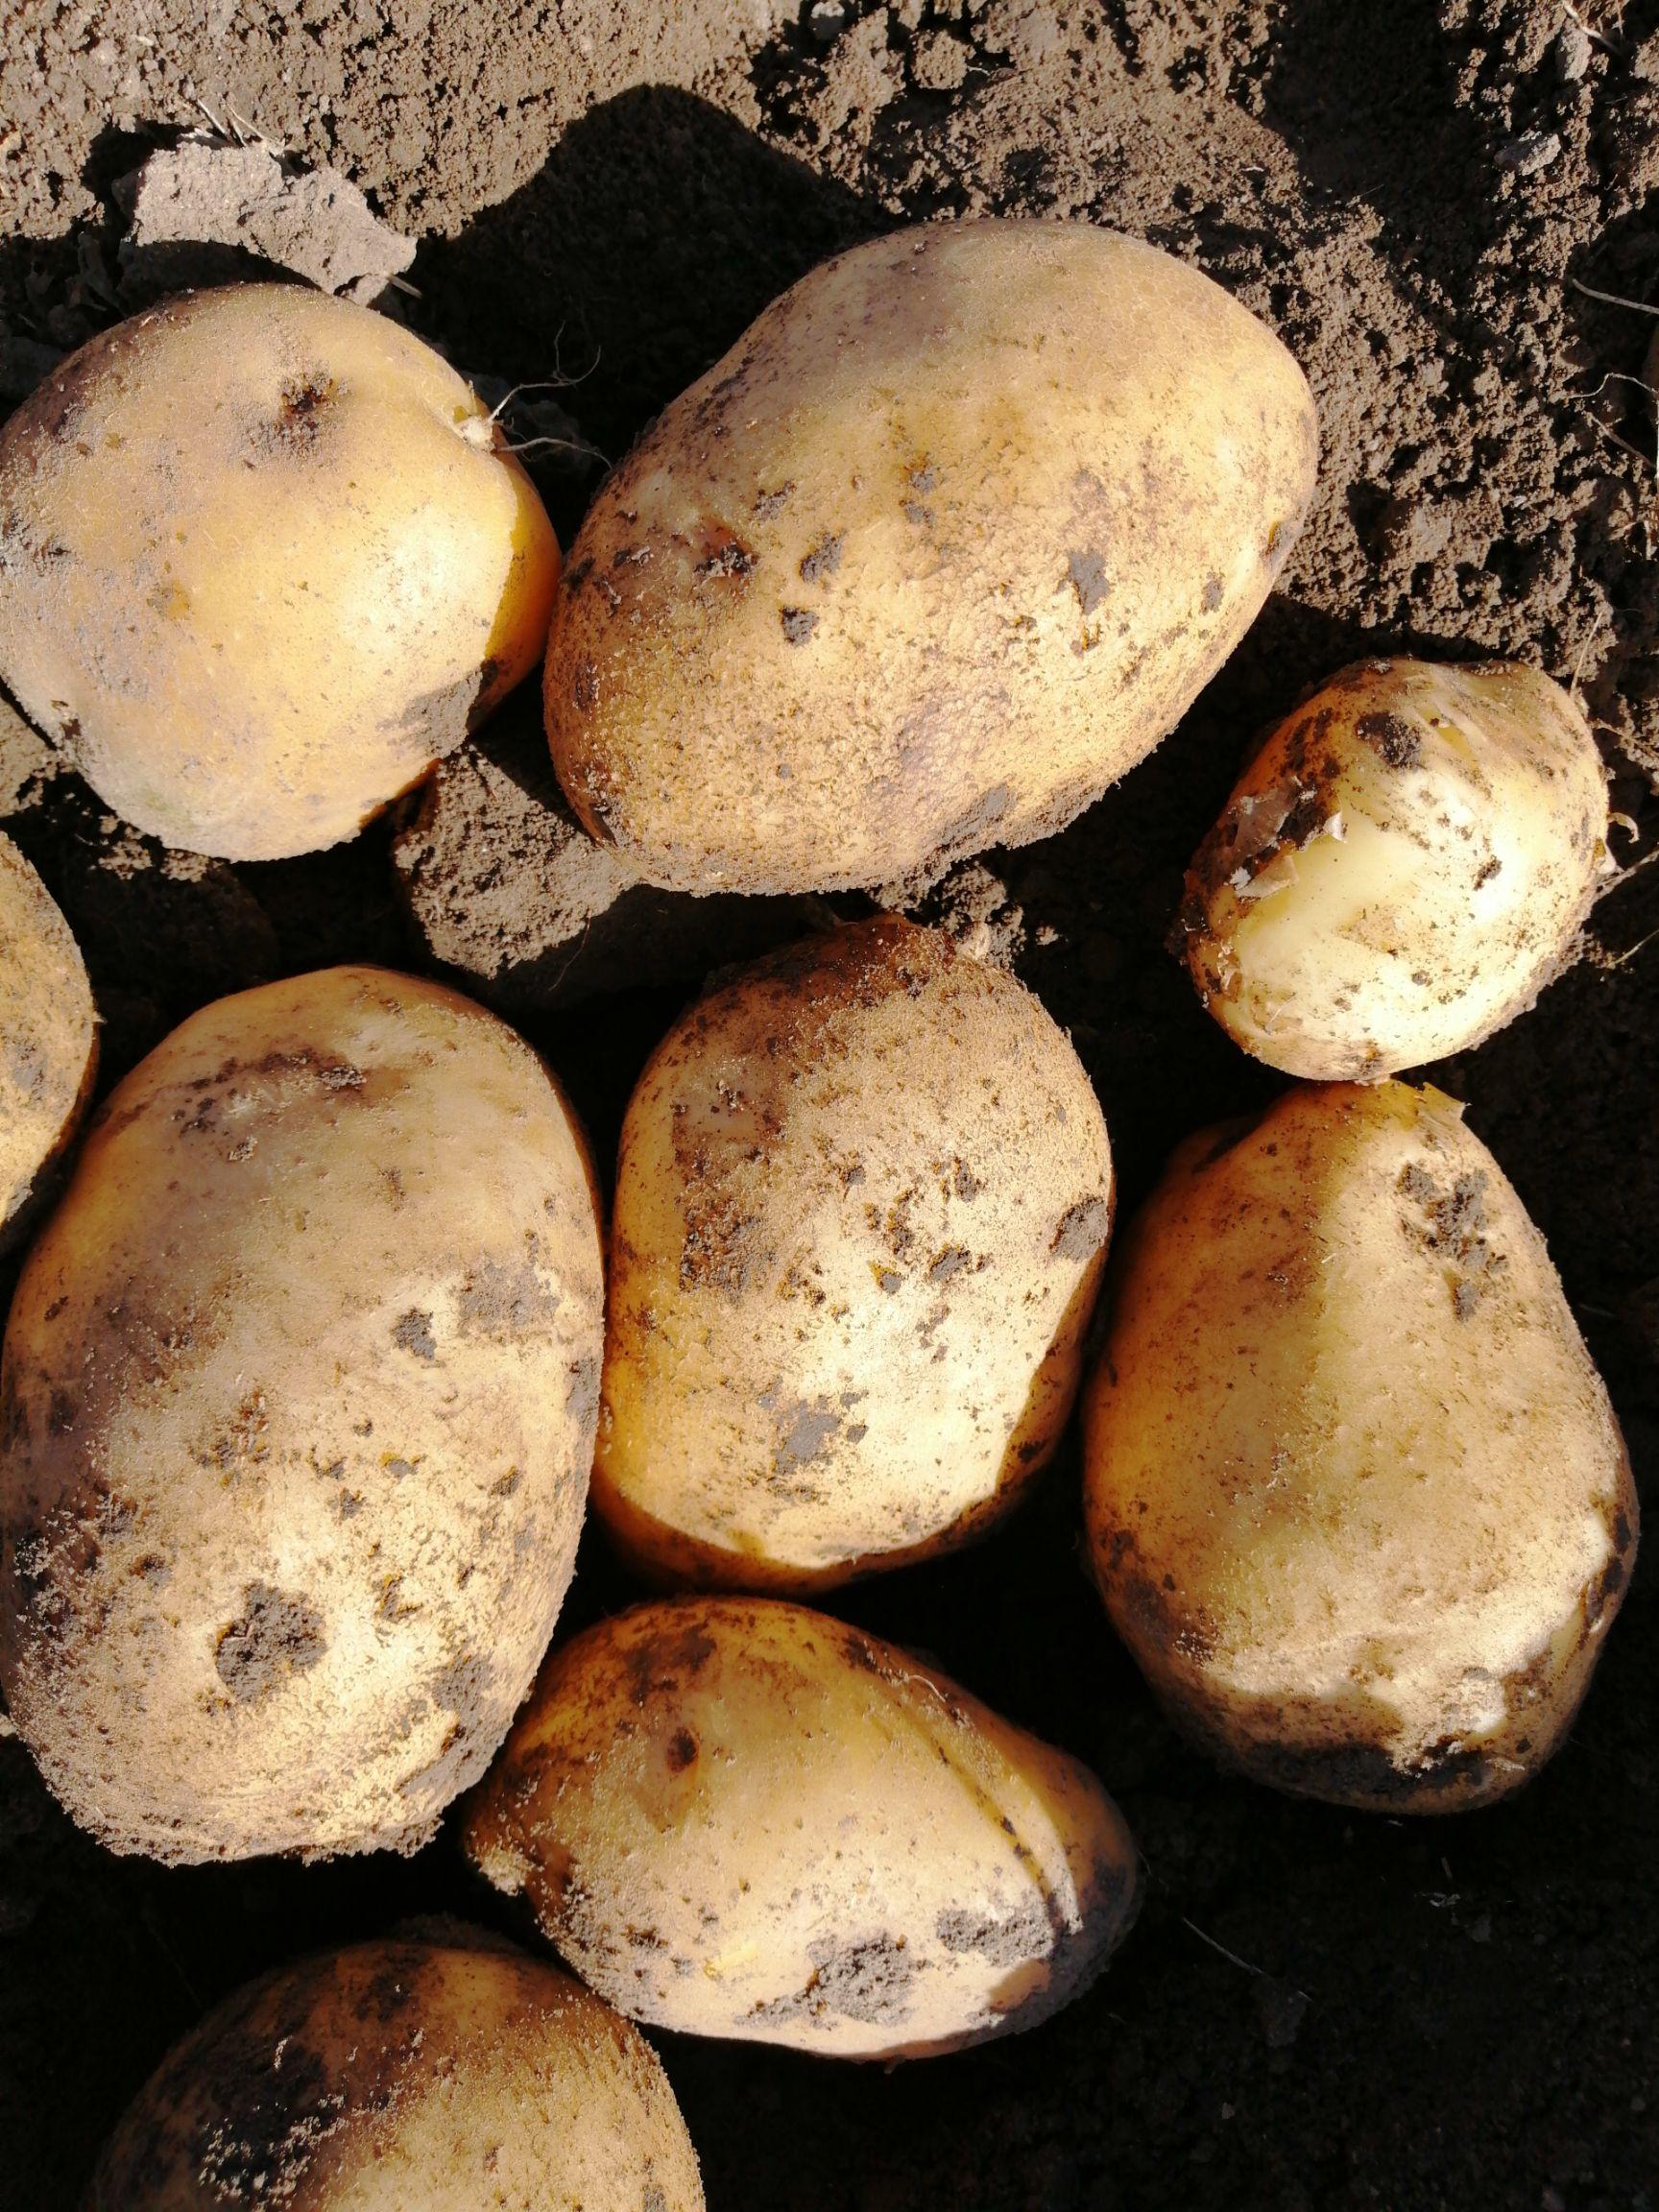 [尤金885土豆批发] 吉林扣莫尤金土豆大量供应上市,欢迎来点咨询价格0.55元/斤